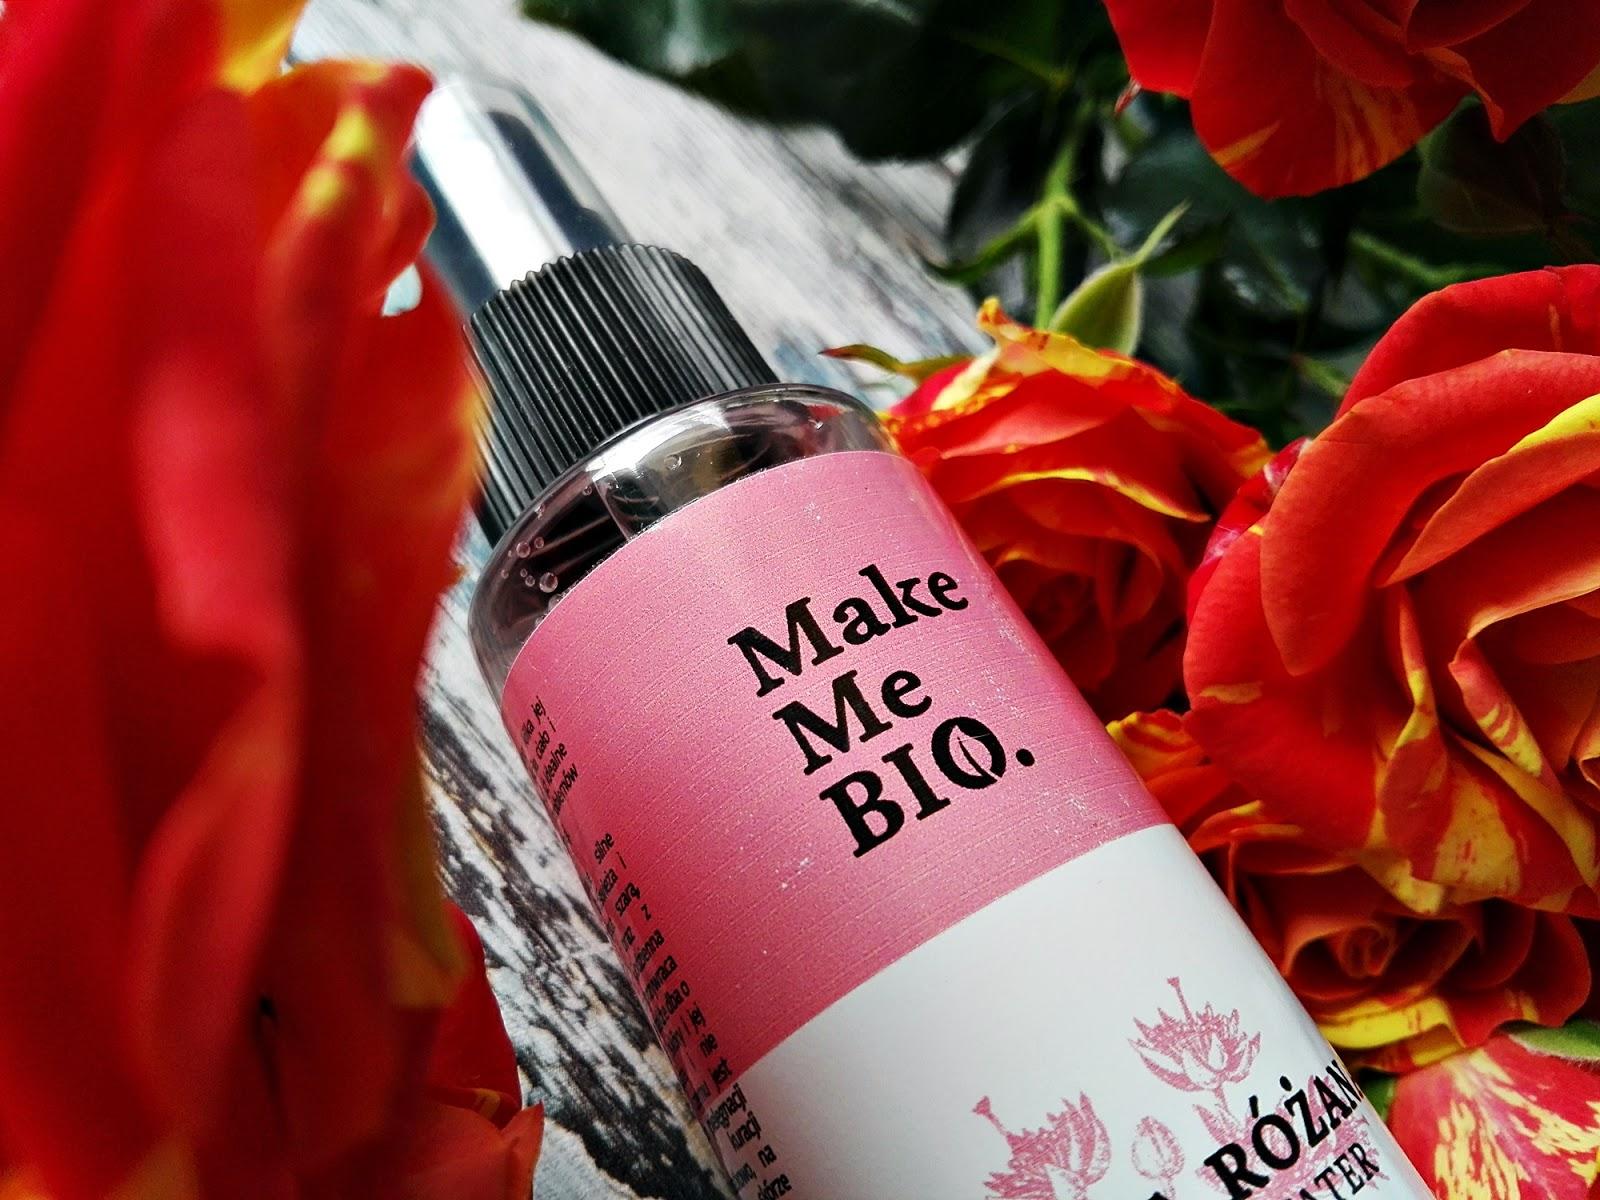 Jak cudowny poranek o zapachu róży, a dywan z kolców jej stworzył...